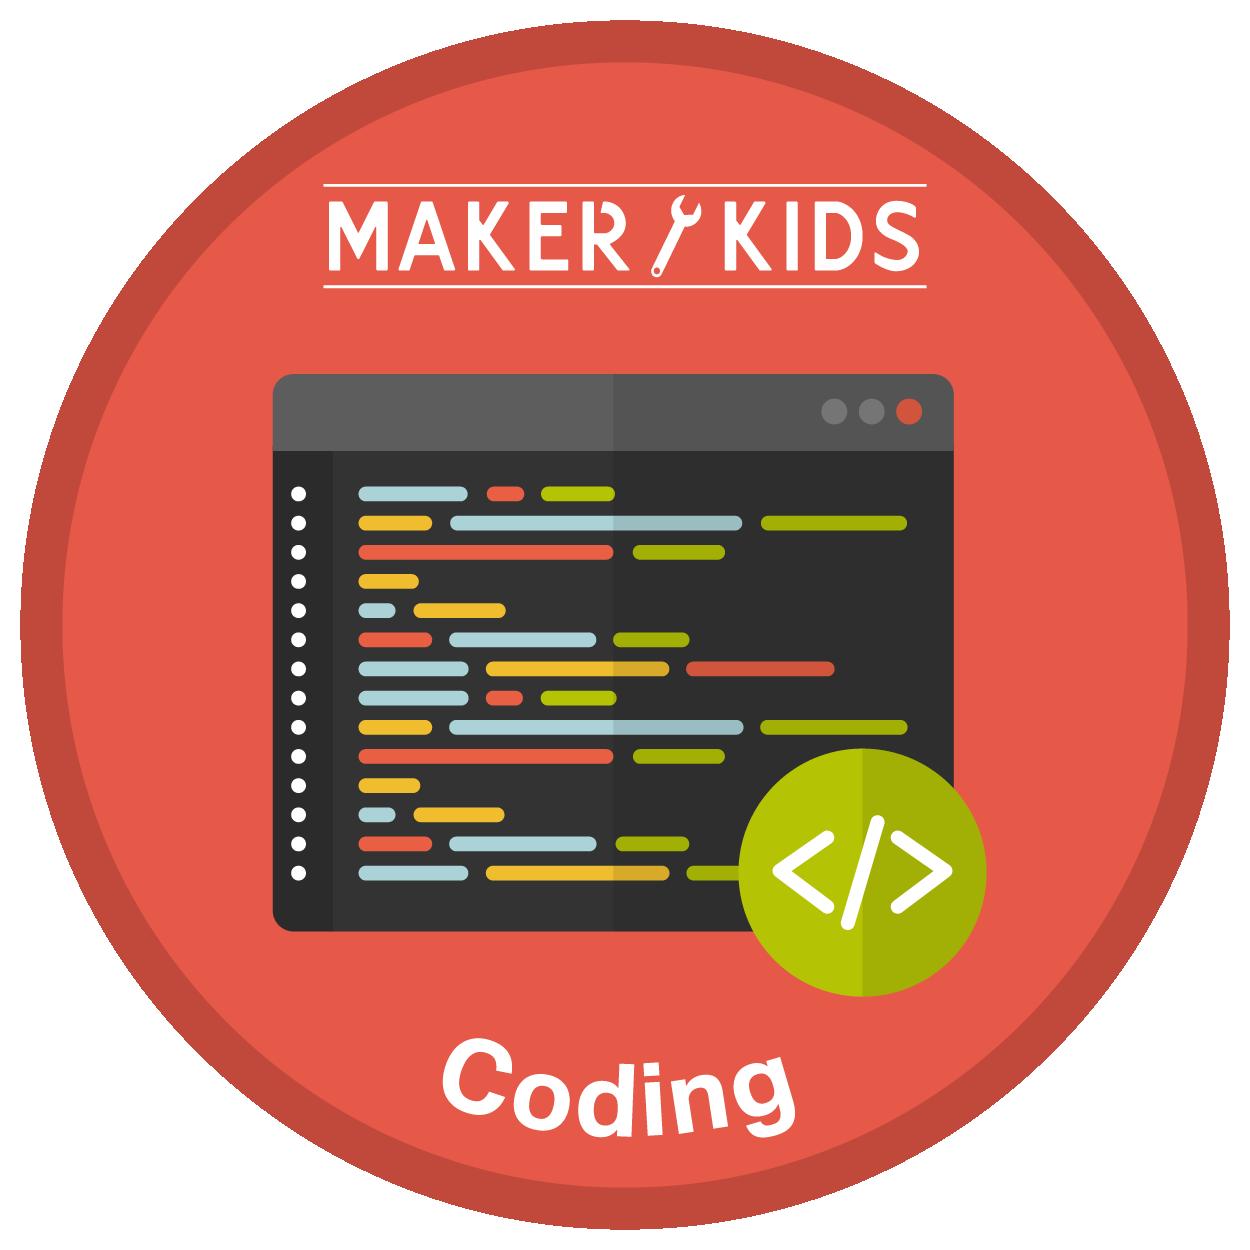 MakerKids Coding